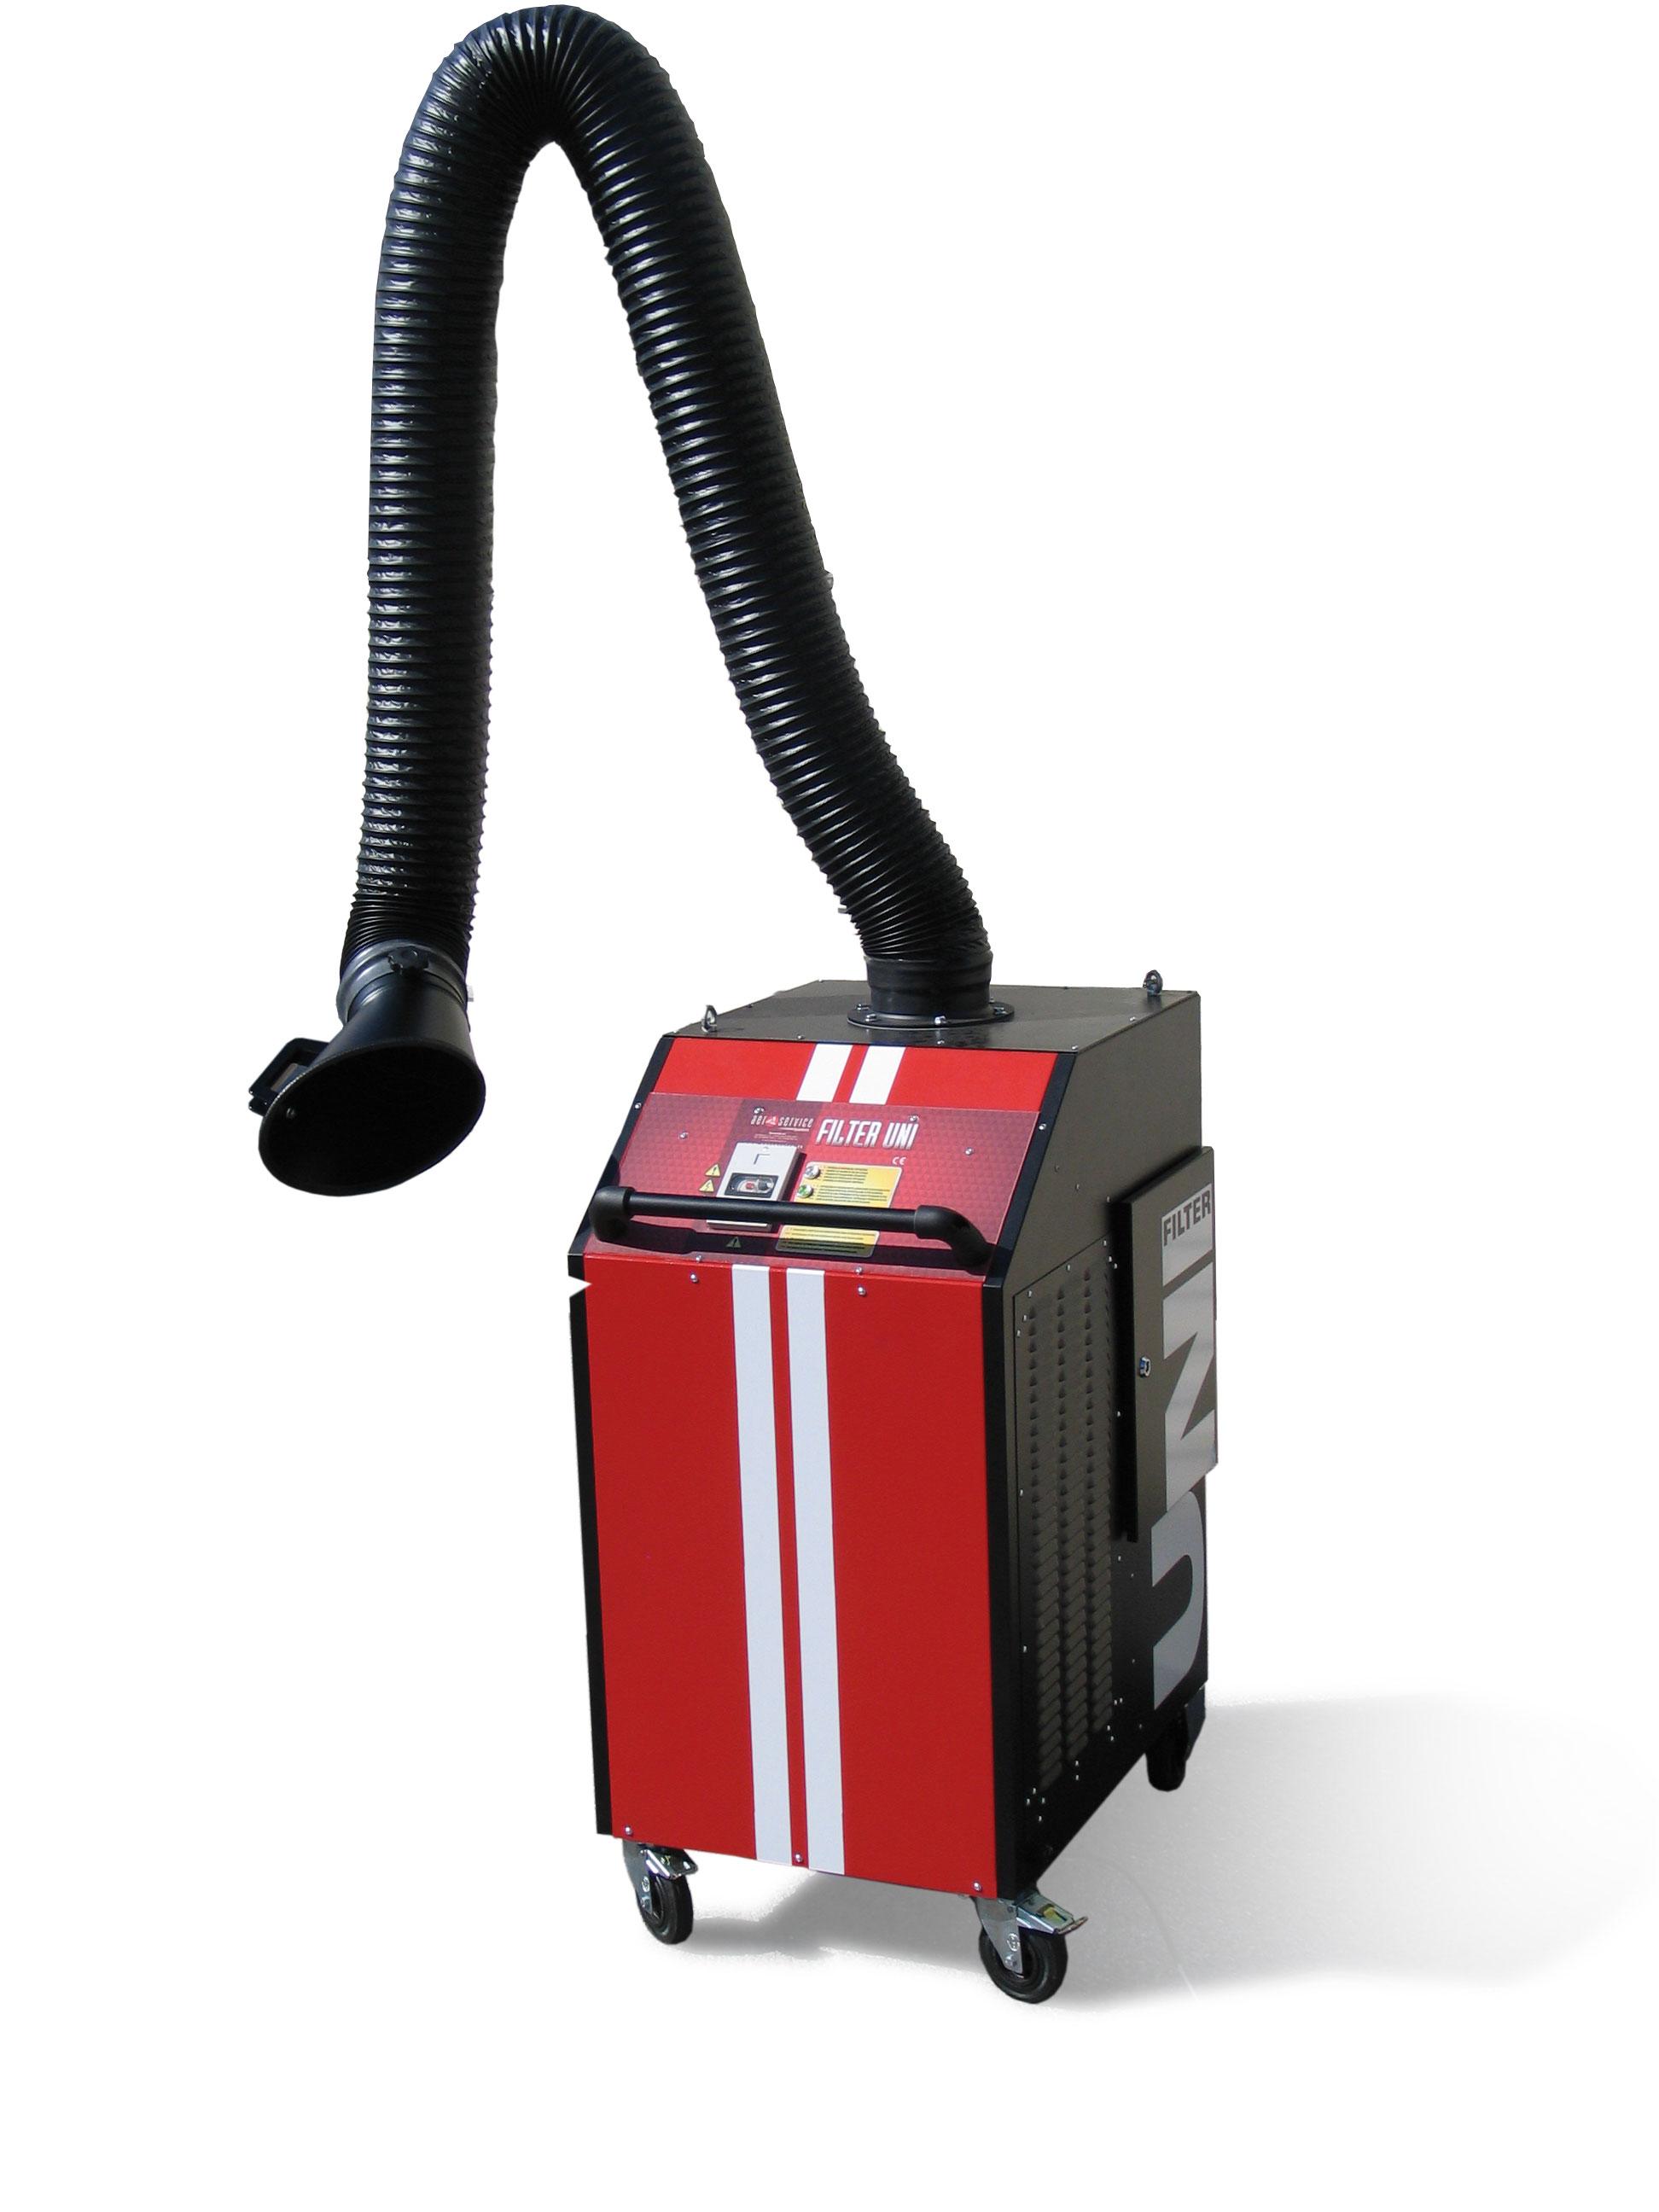 Aspirazione industriale icr climatizzatori genova daikin condizionatori - Aspiratore bagno senza uscita esterna ...